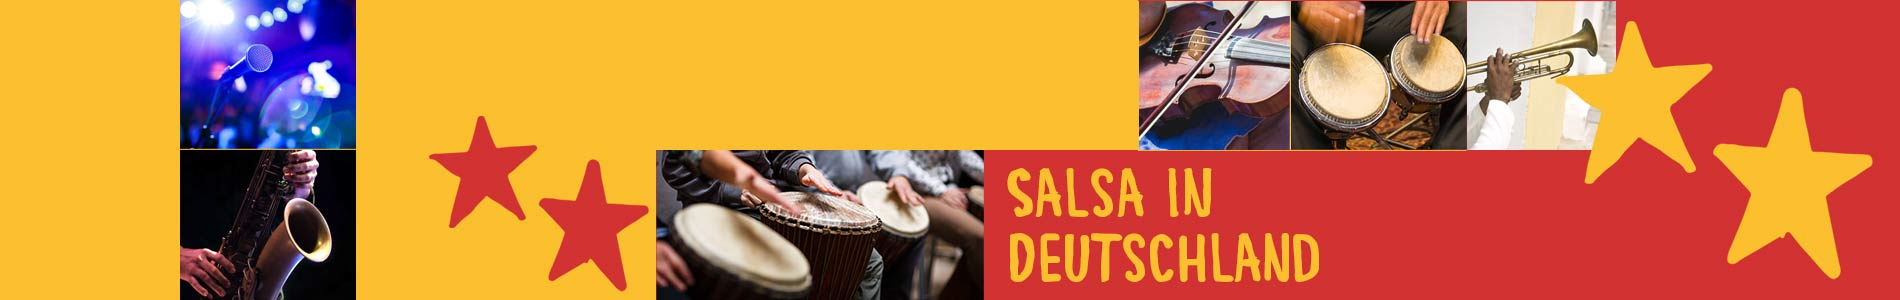 Salsa in Crivitz – Salsa lernen und tanzen, Tanzkurse, Partys, Veranstaltungen